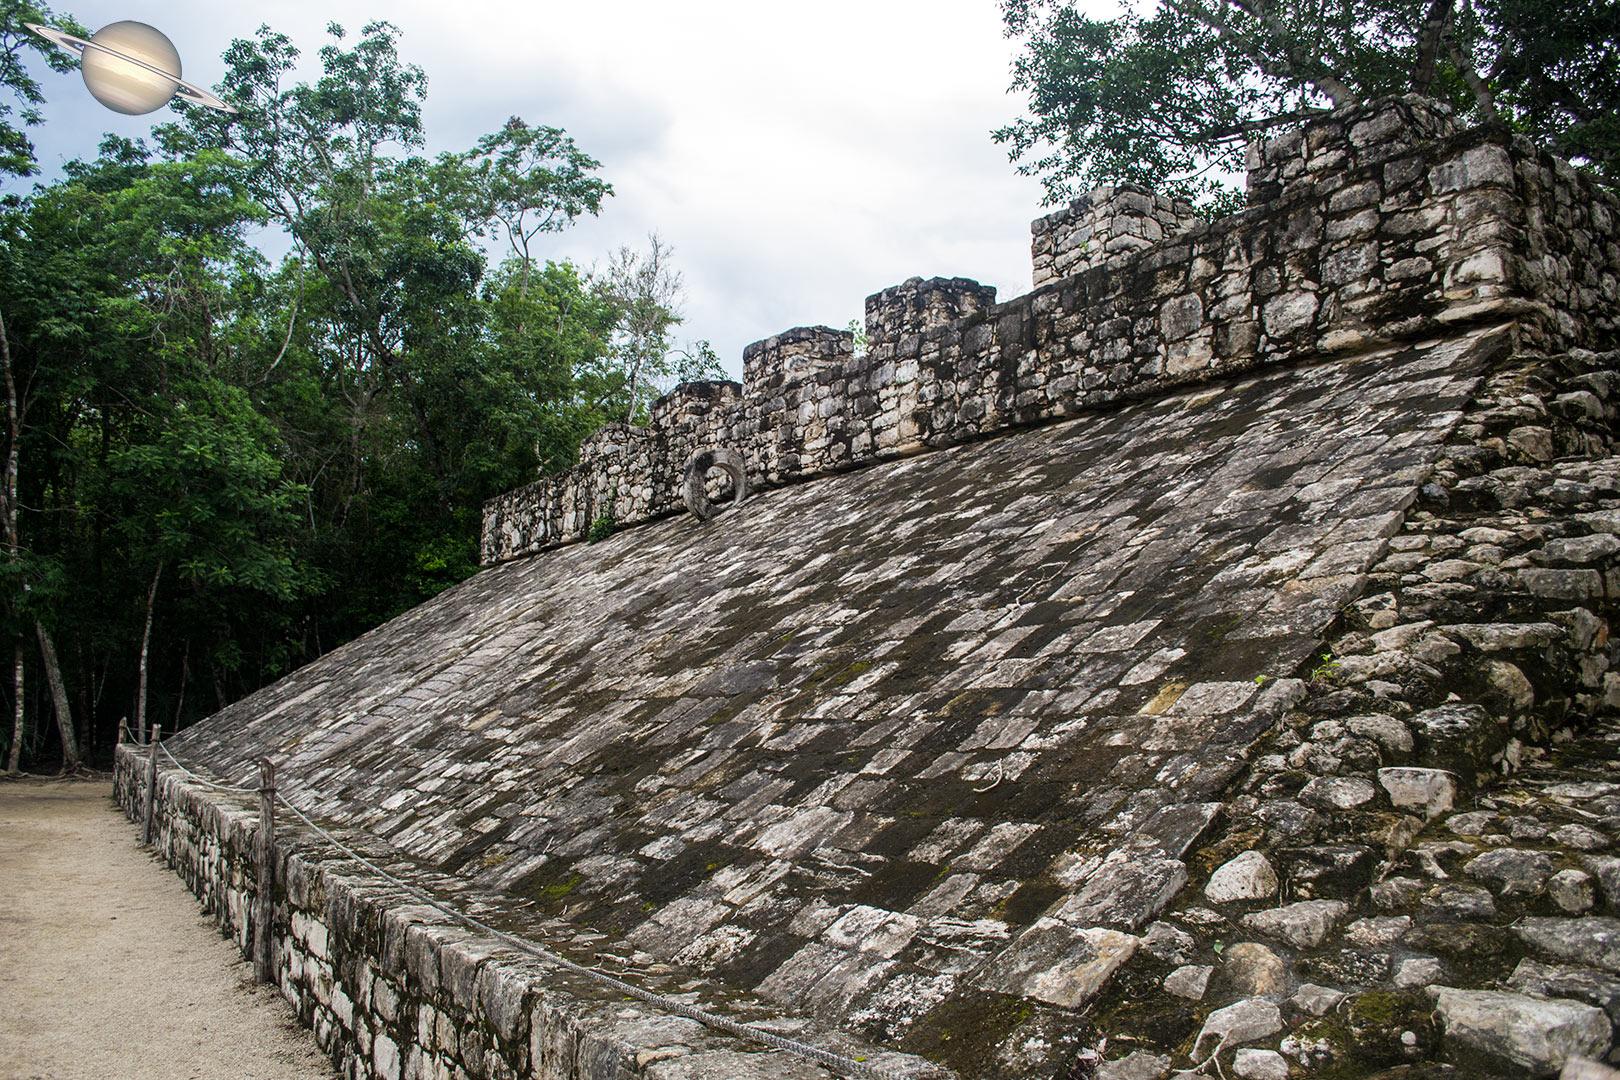 coba yucatan mexico 15 - Suba uma Pirâmide em Coba, Antiga Cidade Maia, México